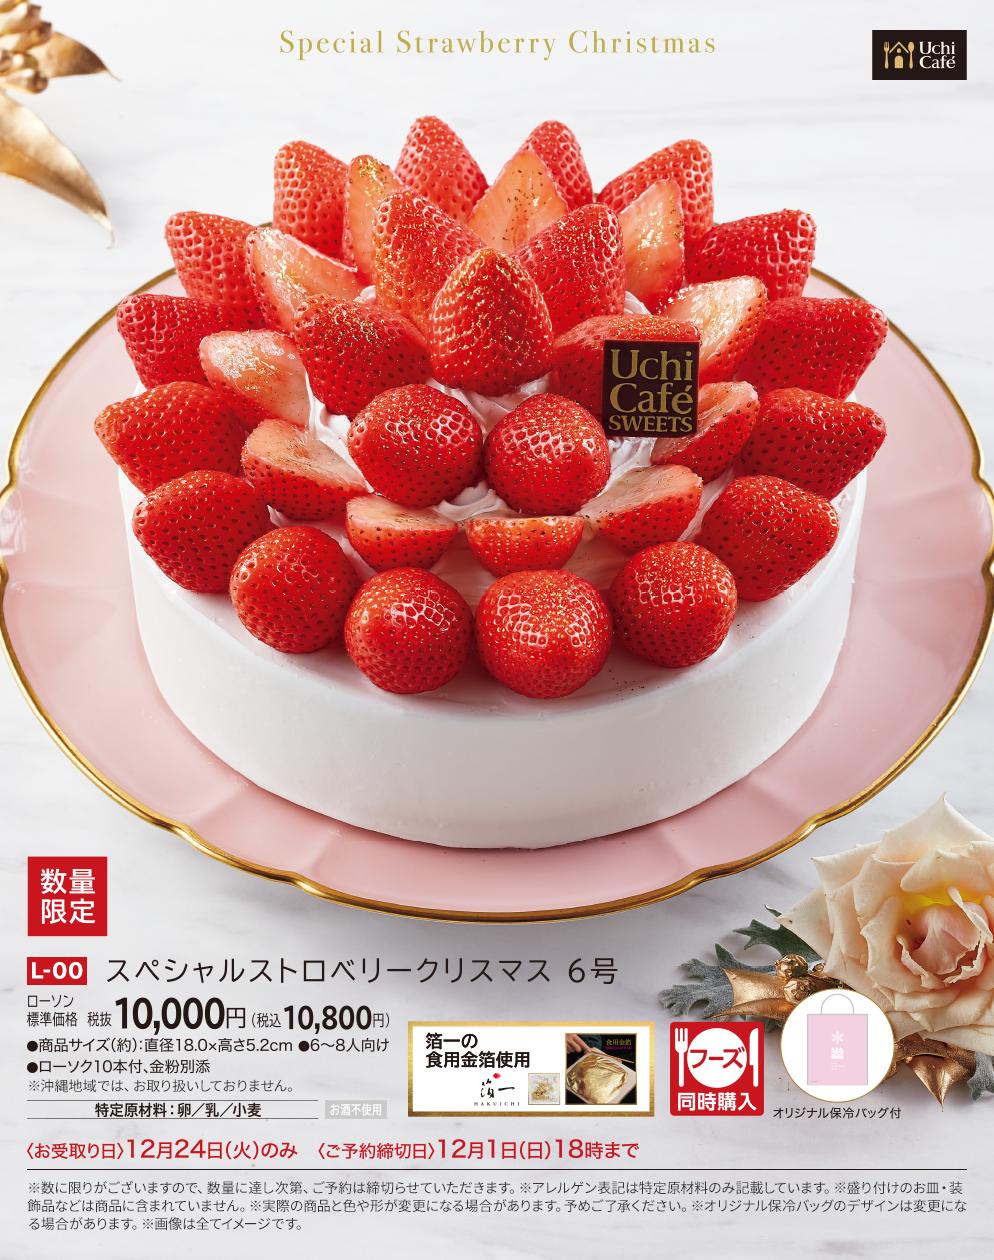 スペシャルストロベリークリスマス 6号 本体価格 10,000円(税込10,800円)